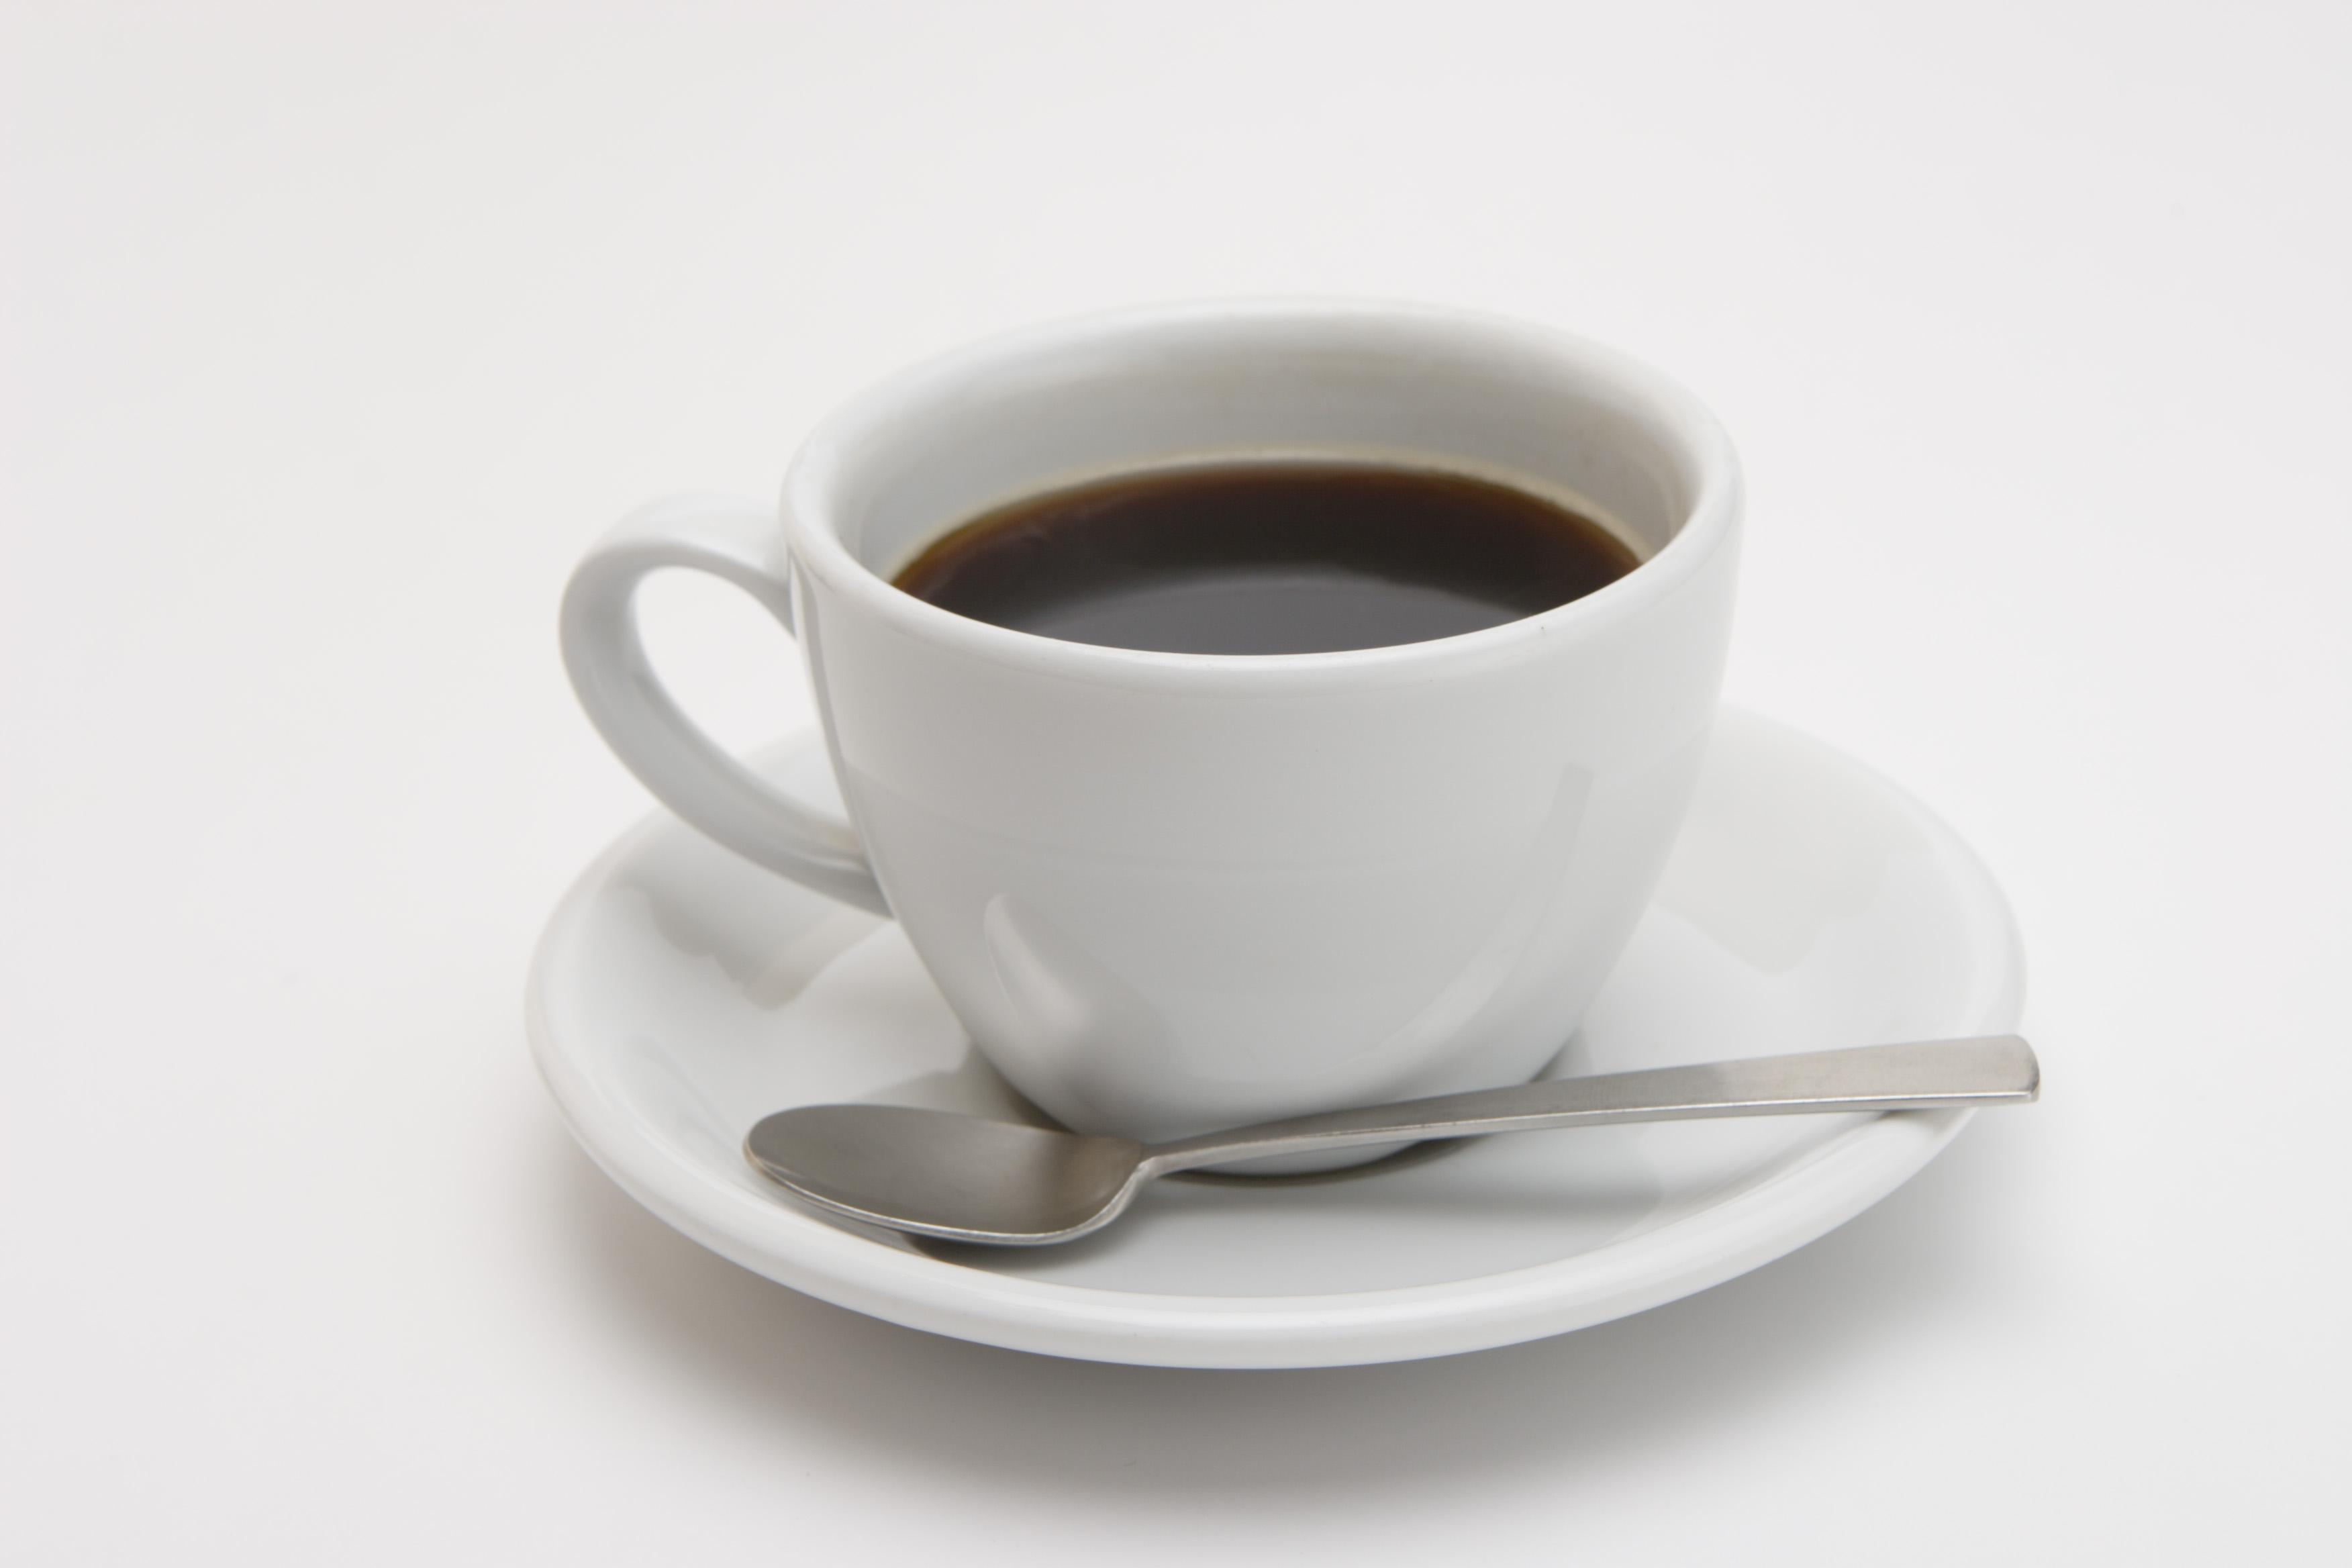 メニュー-サンプル カフェ : スケジュール テンプレート 無料 : 無料